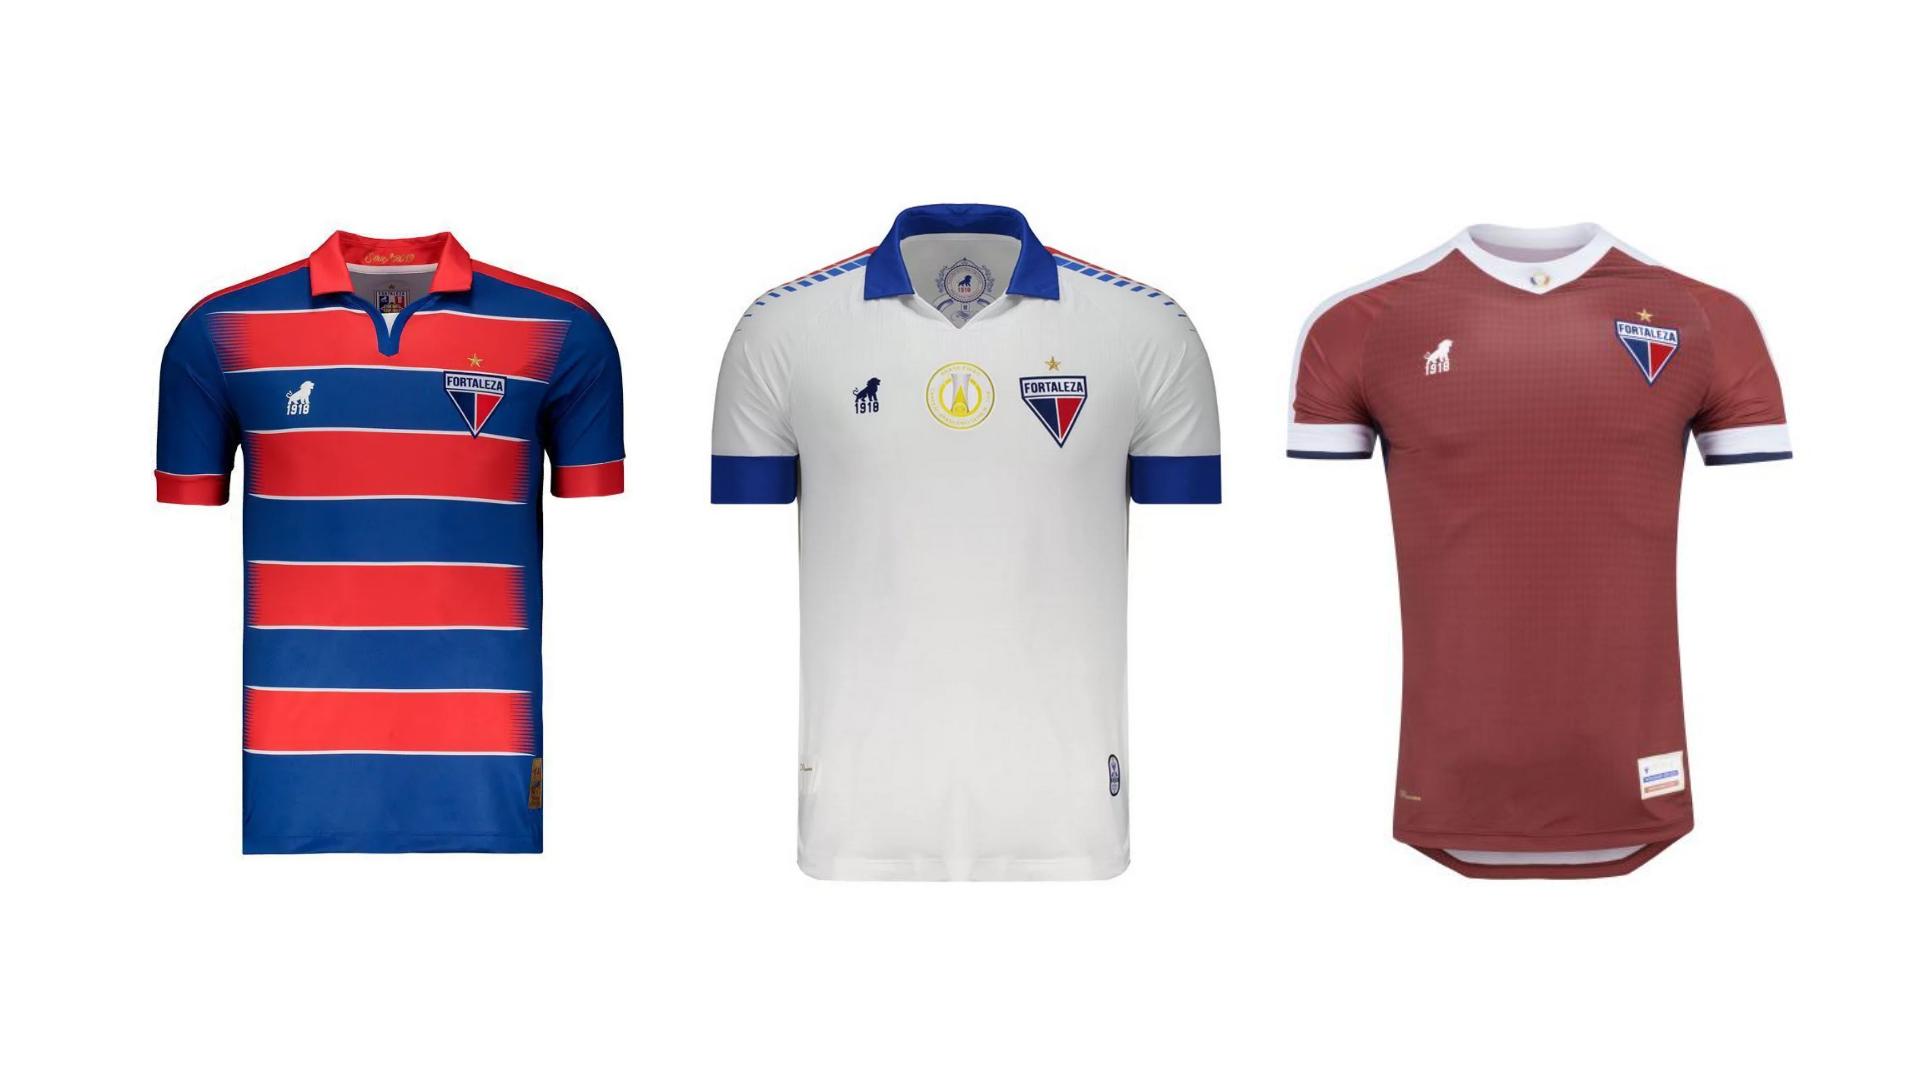 Camisa do Fortaleza 2019 Leão 1918 Jogo 1, 2 e 3 (Imagem: Divulgação/Leão 1918)